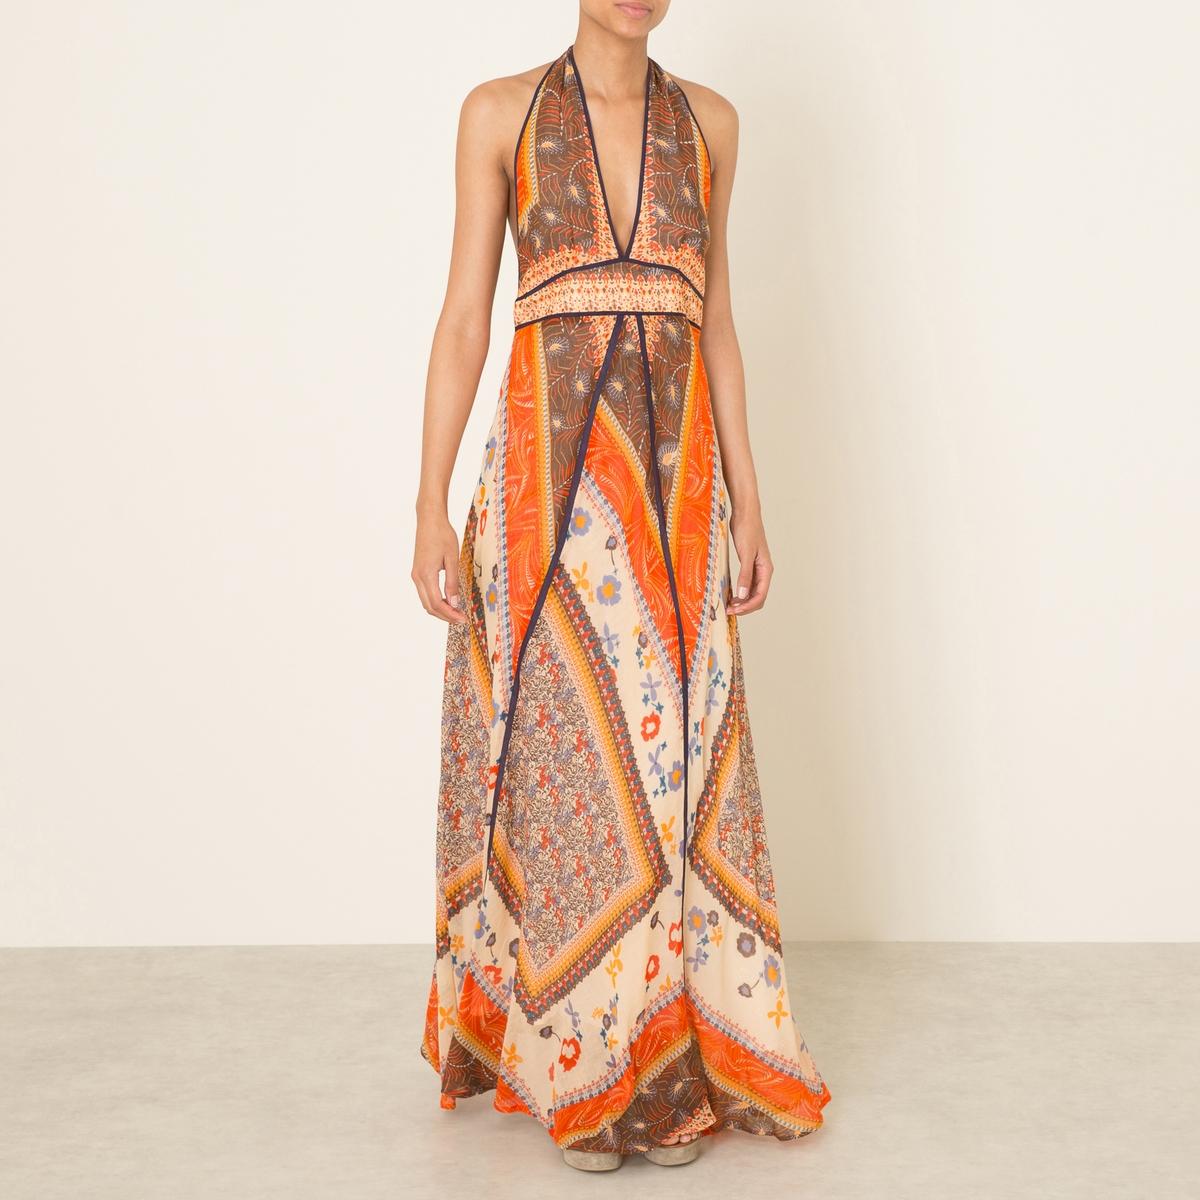 Платье длинная с открытой спиной ROMANEСостав и описание   Материал : 1000% хлопок Подкладка : 100% хлопок   Длина : ок. 160 см (Размер 1)   Марка : BA&amp;SH<br><br>Цвет: оранжевый